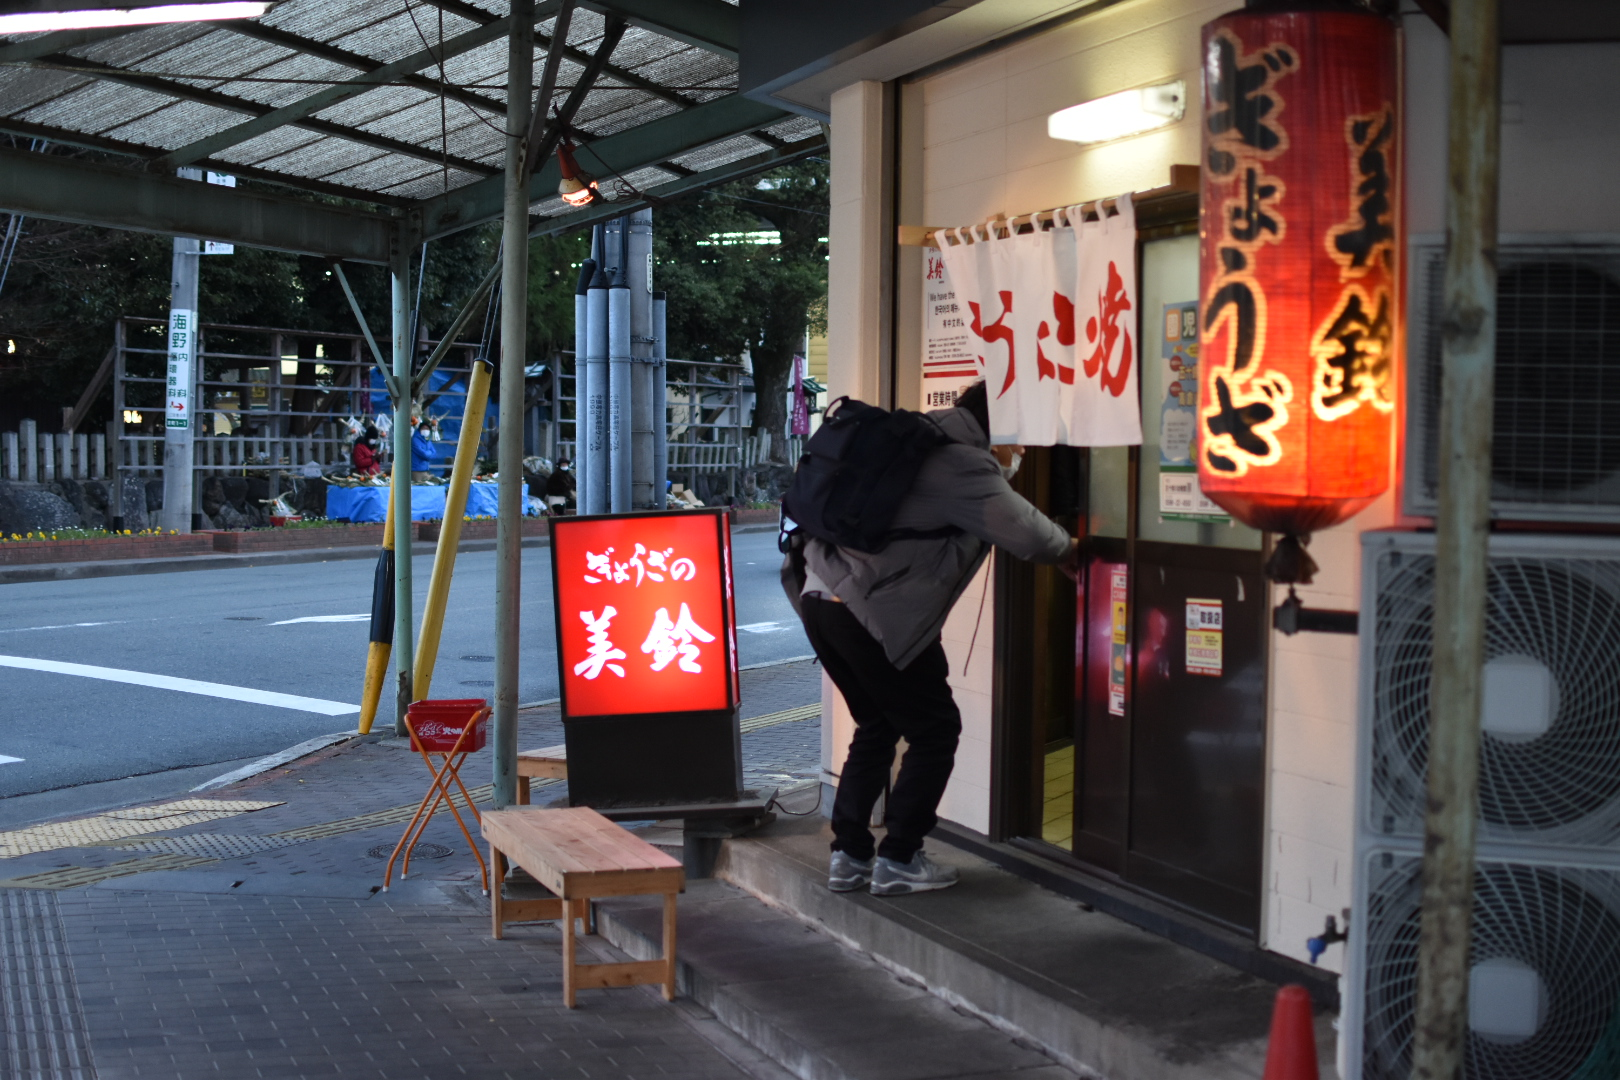 伊勢-ぎょうざの美鈴-外観-0108